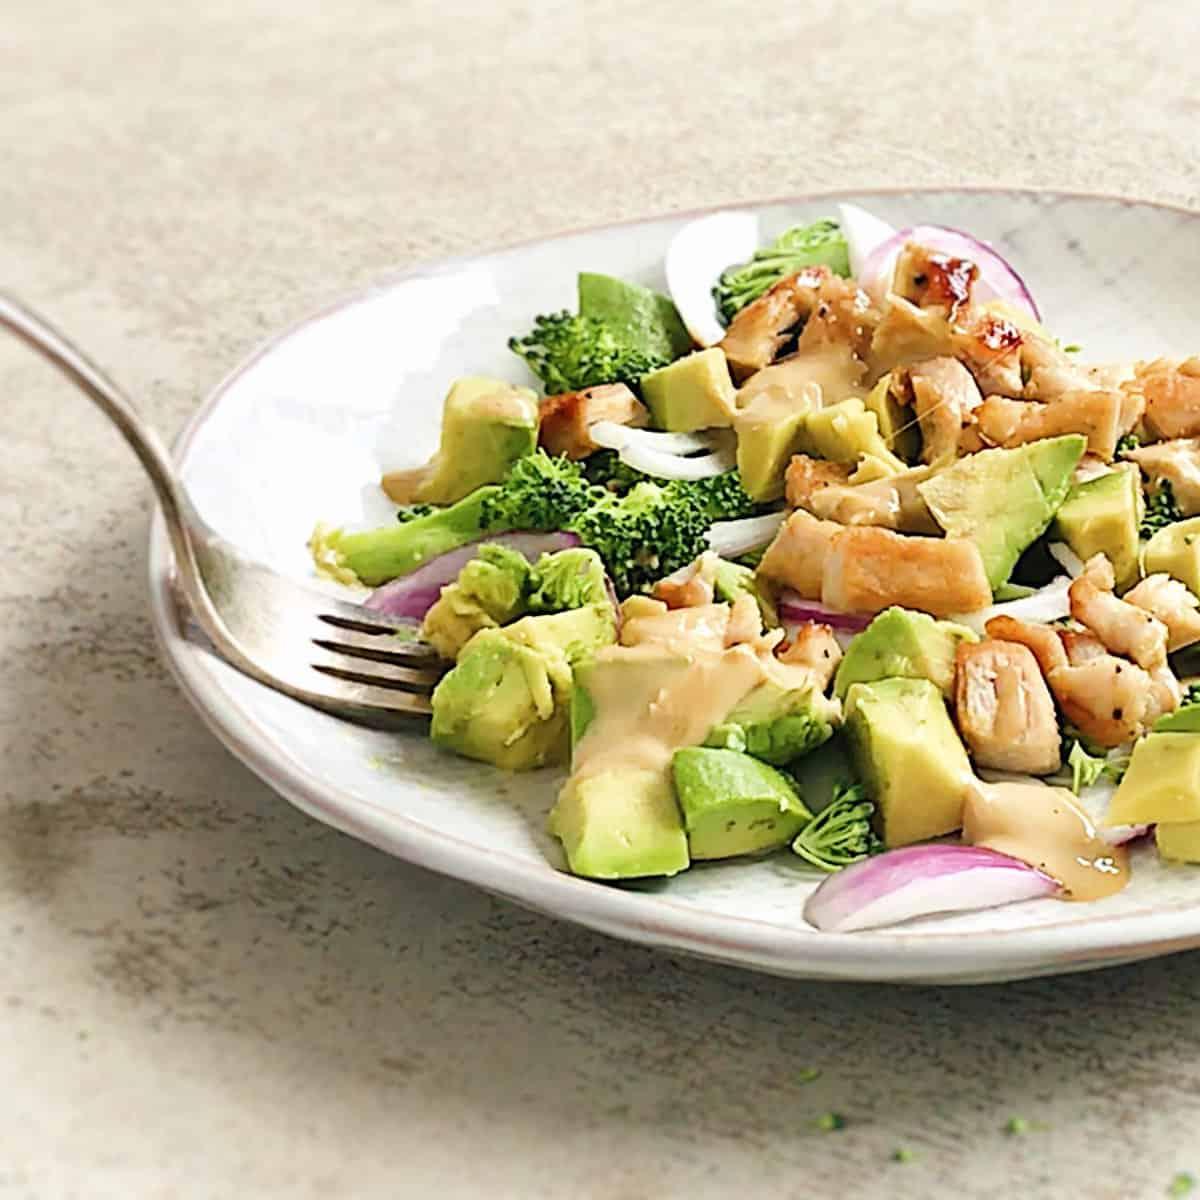 Receta de aguacate, pollo, brócoli y cebolla